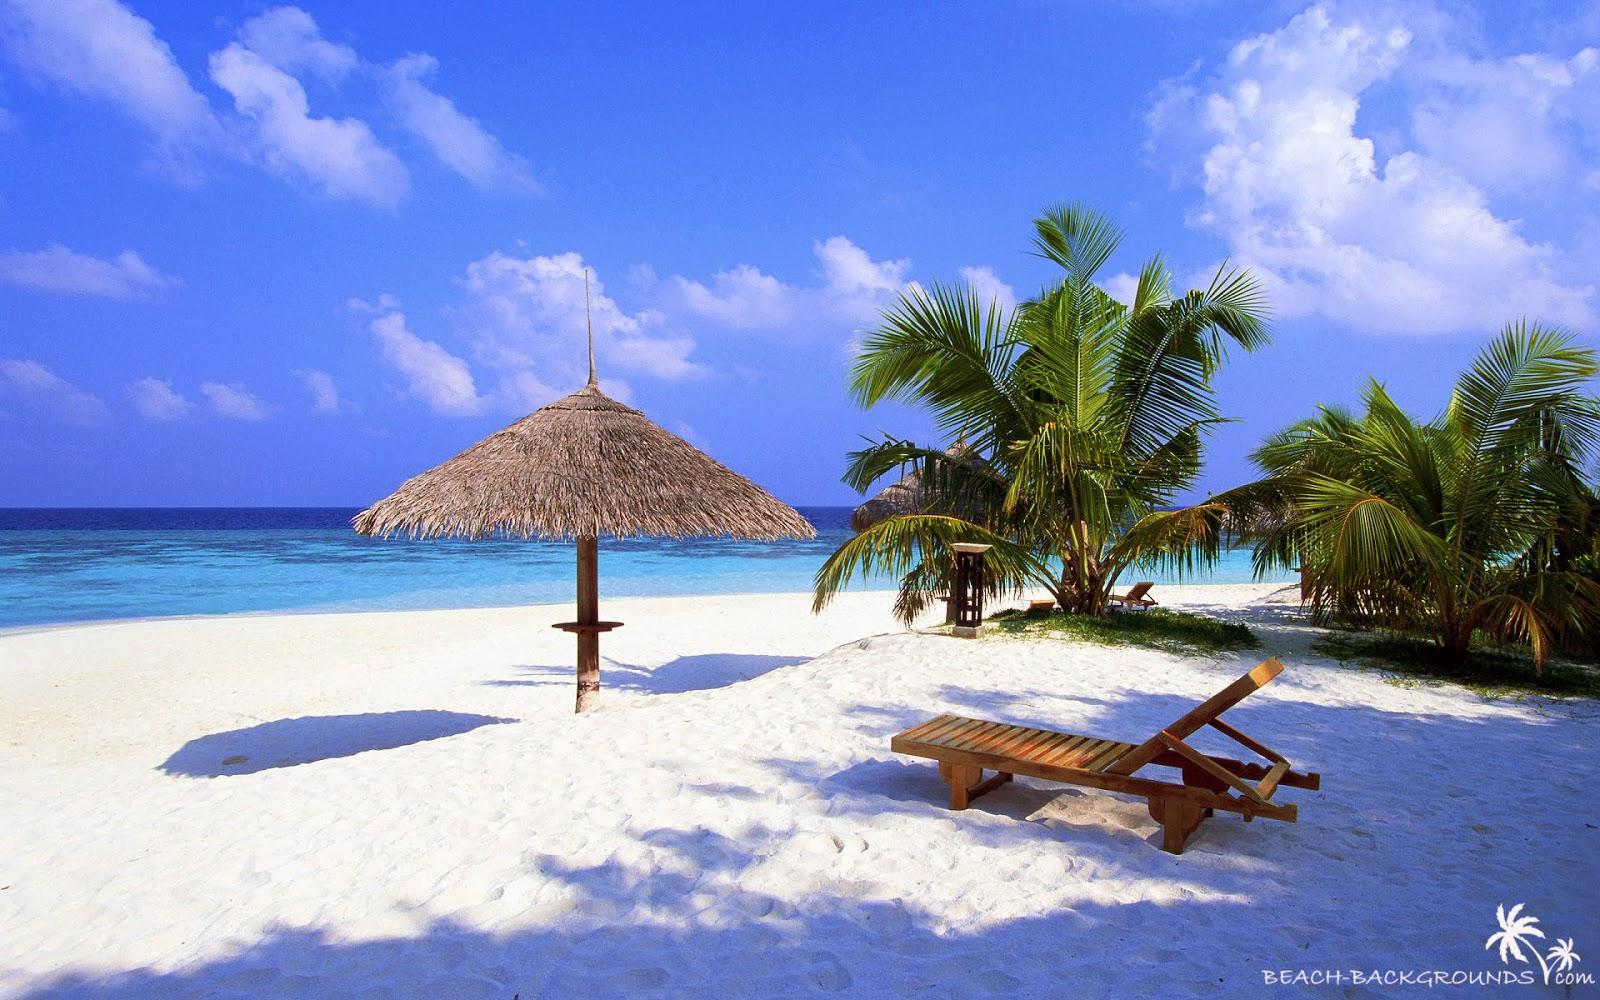 Best Wallpaper High Resolution Romantic - Beach-Wallpaper-Hd+139111  Trends_68467.jpg